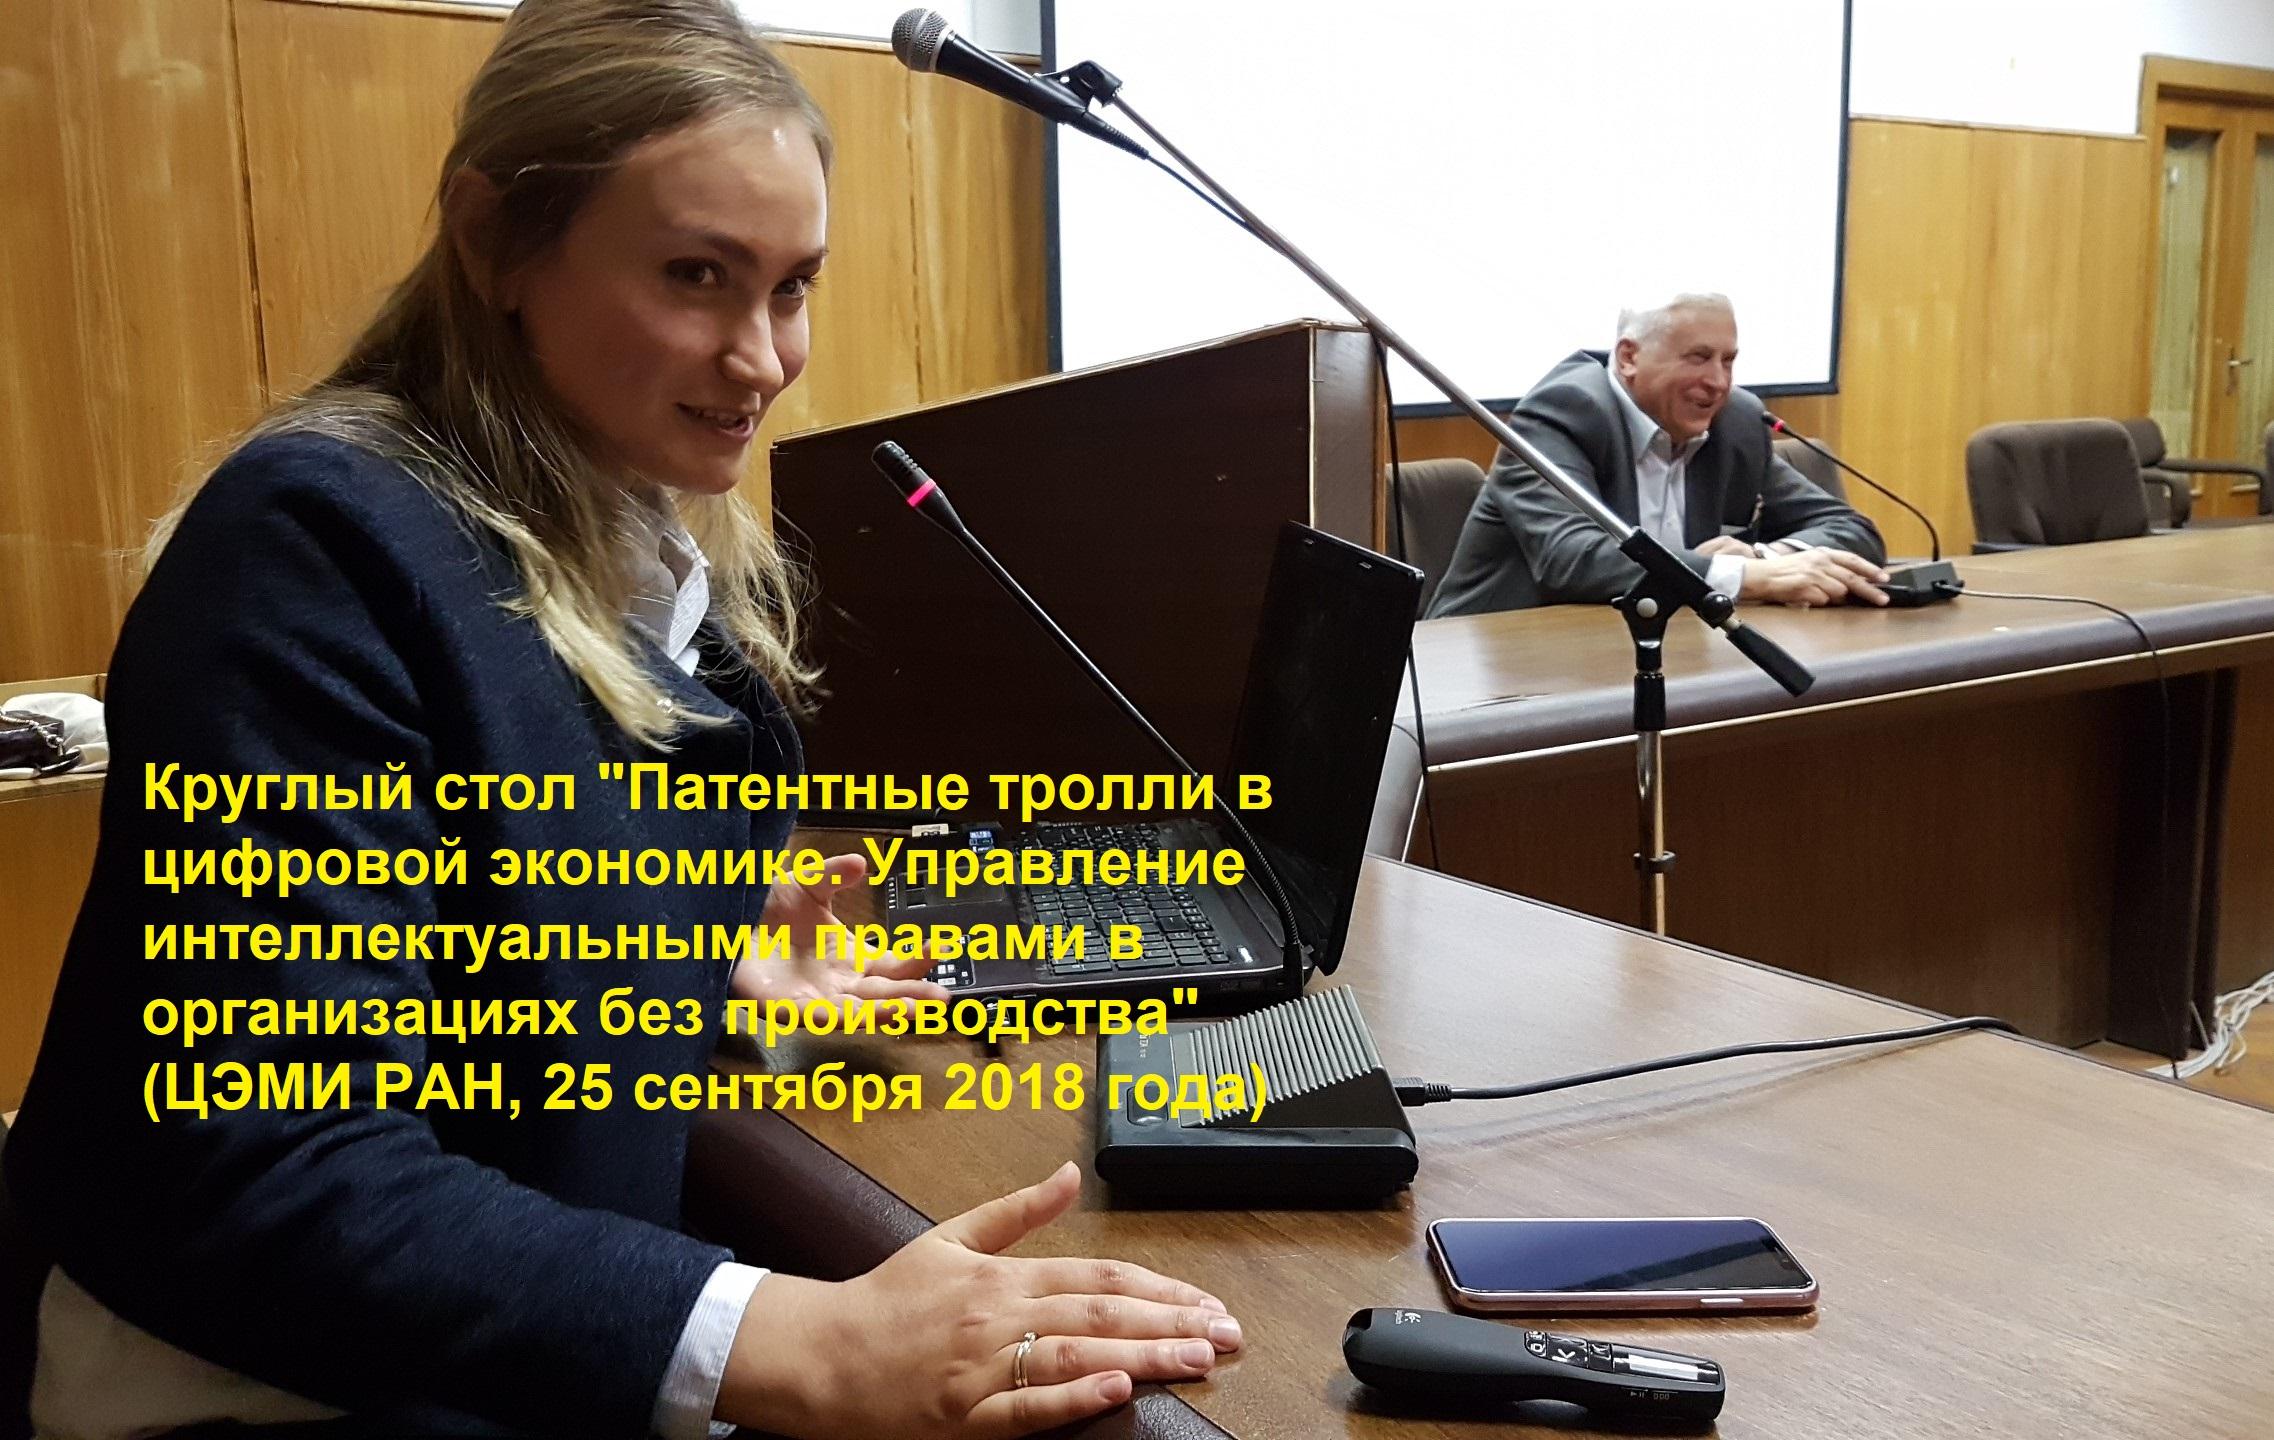 Дарья Яцкина - патентный инженер из Ingram Micro Cloud